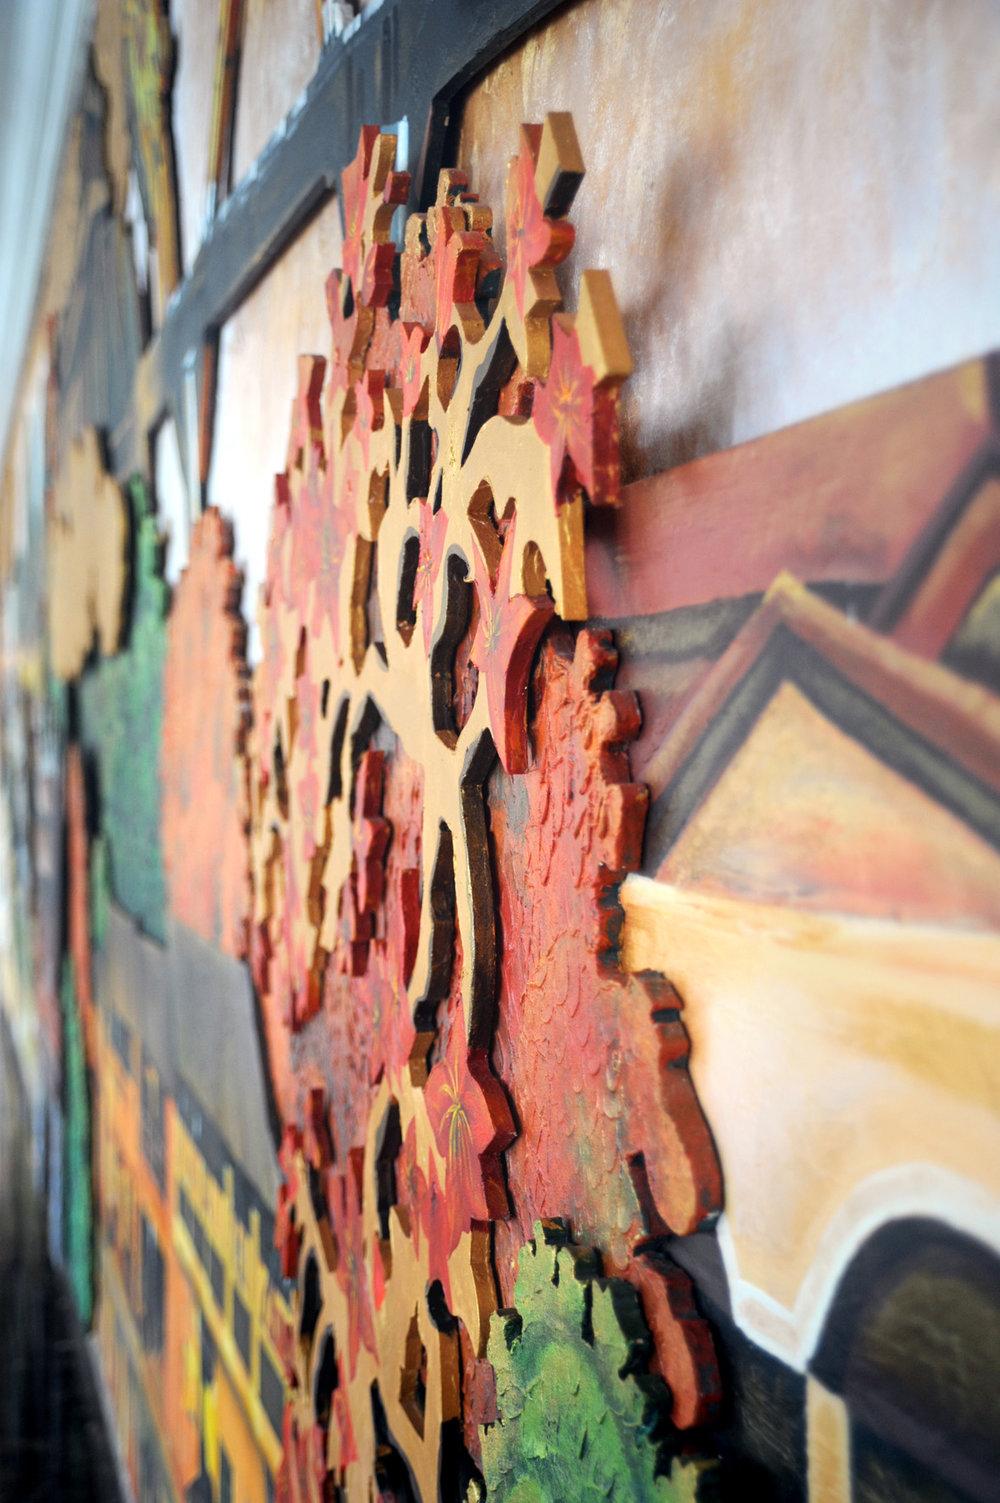 mural close up 2.jpg